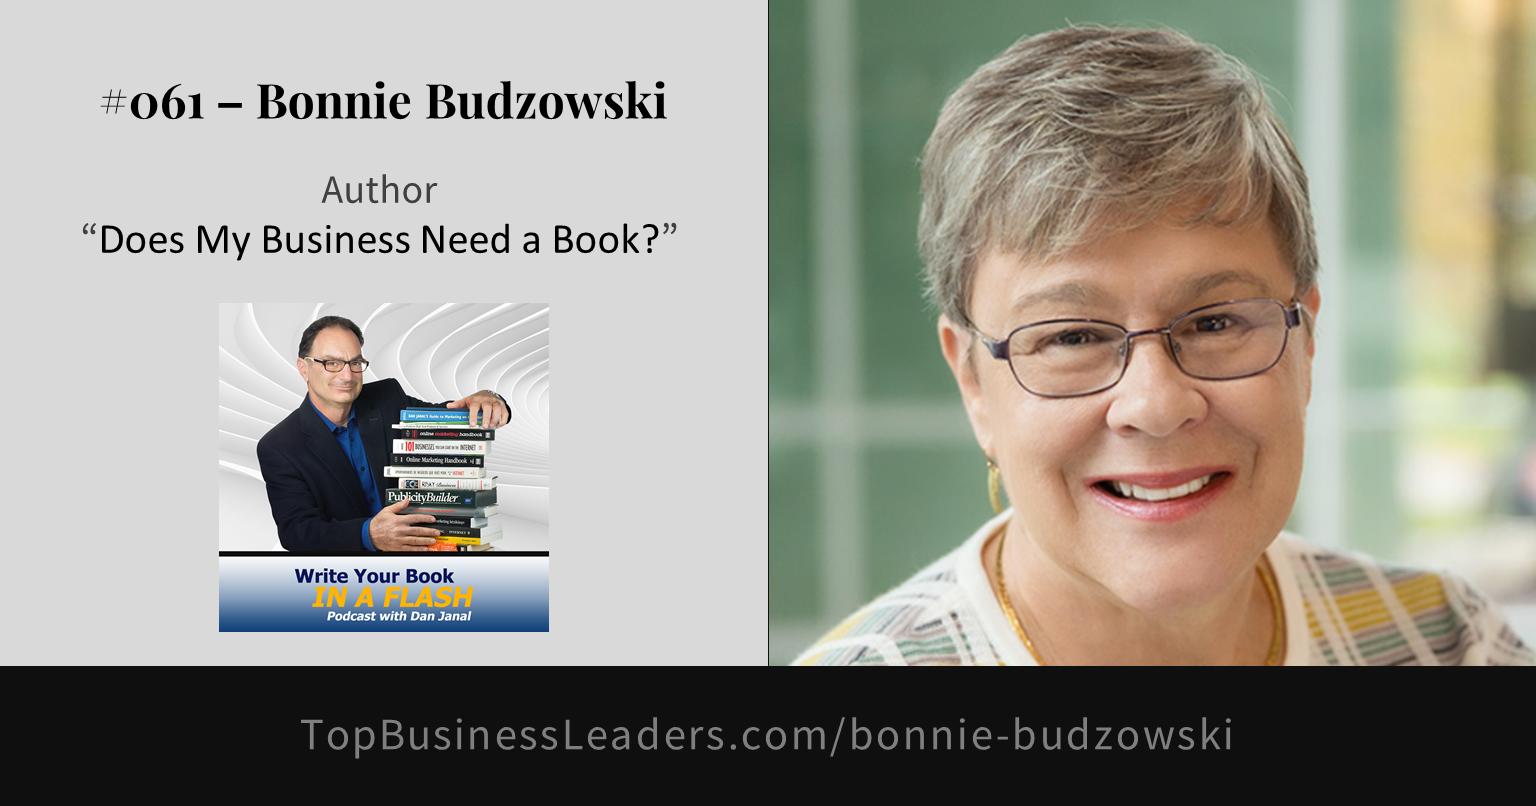 bonnie-budzowski-author-does-my-business-need-a-book